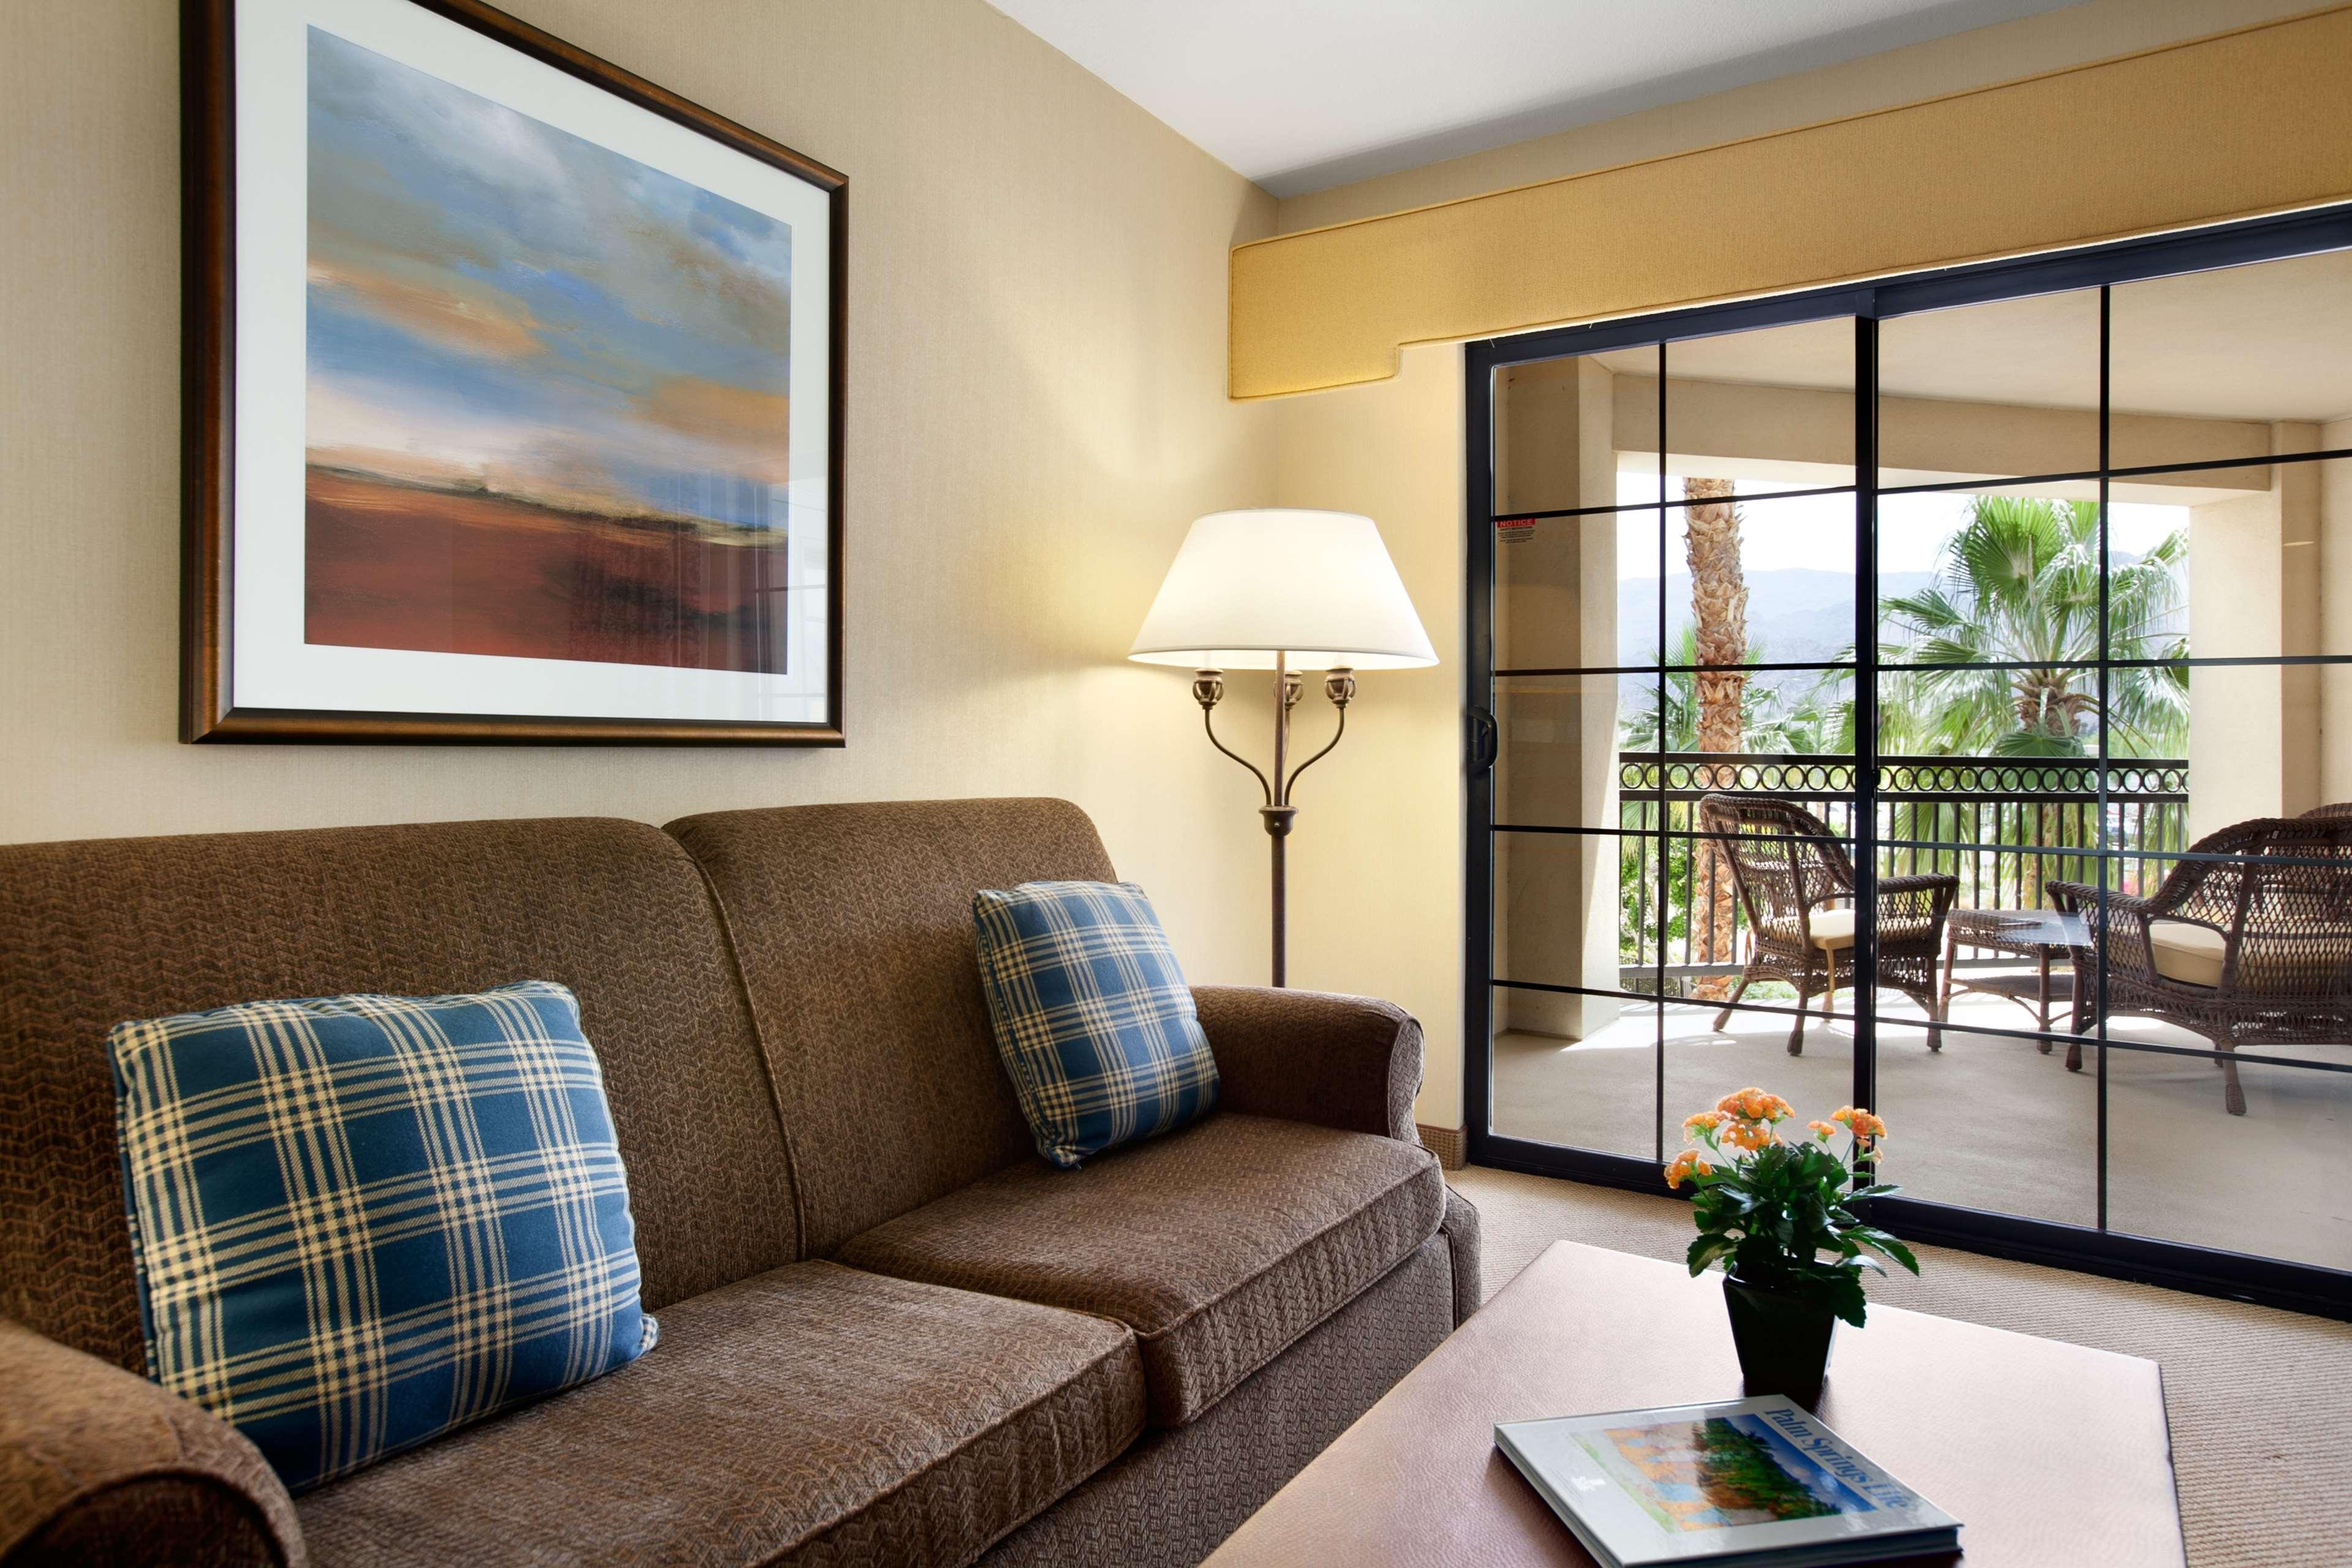 Embassy Suites by Hilton La Quinta Hotel & Spa image 28